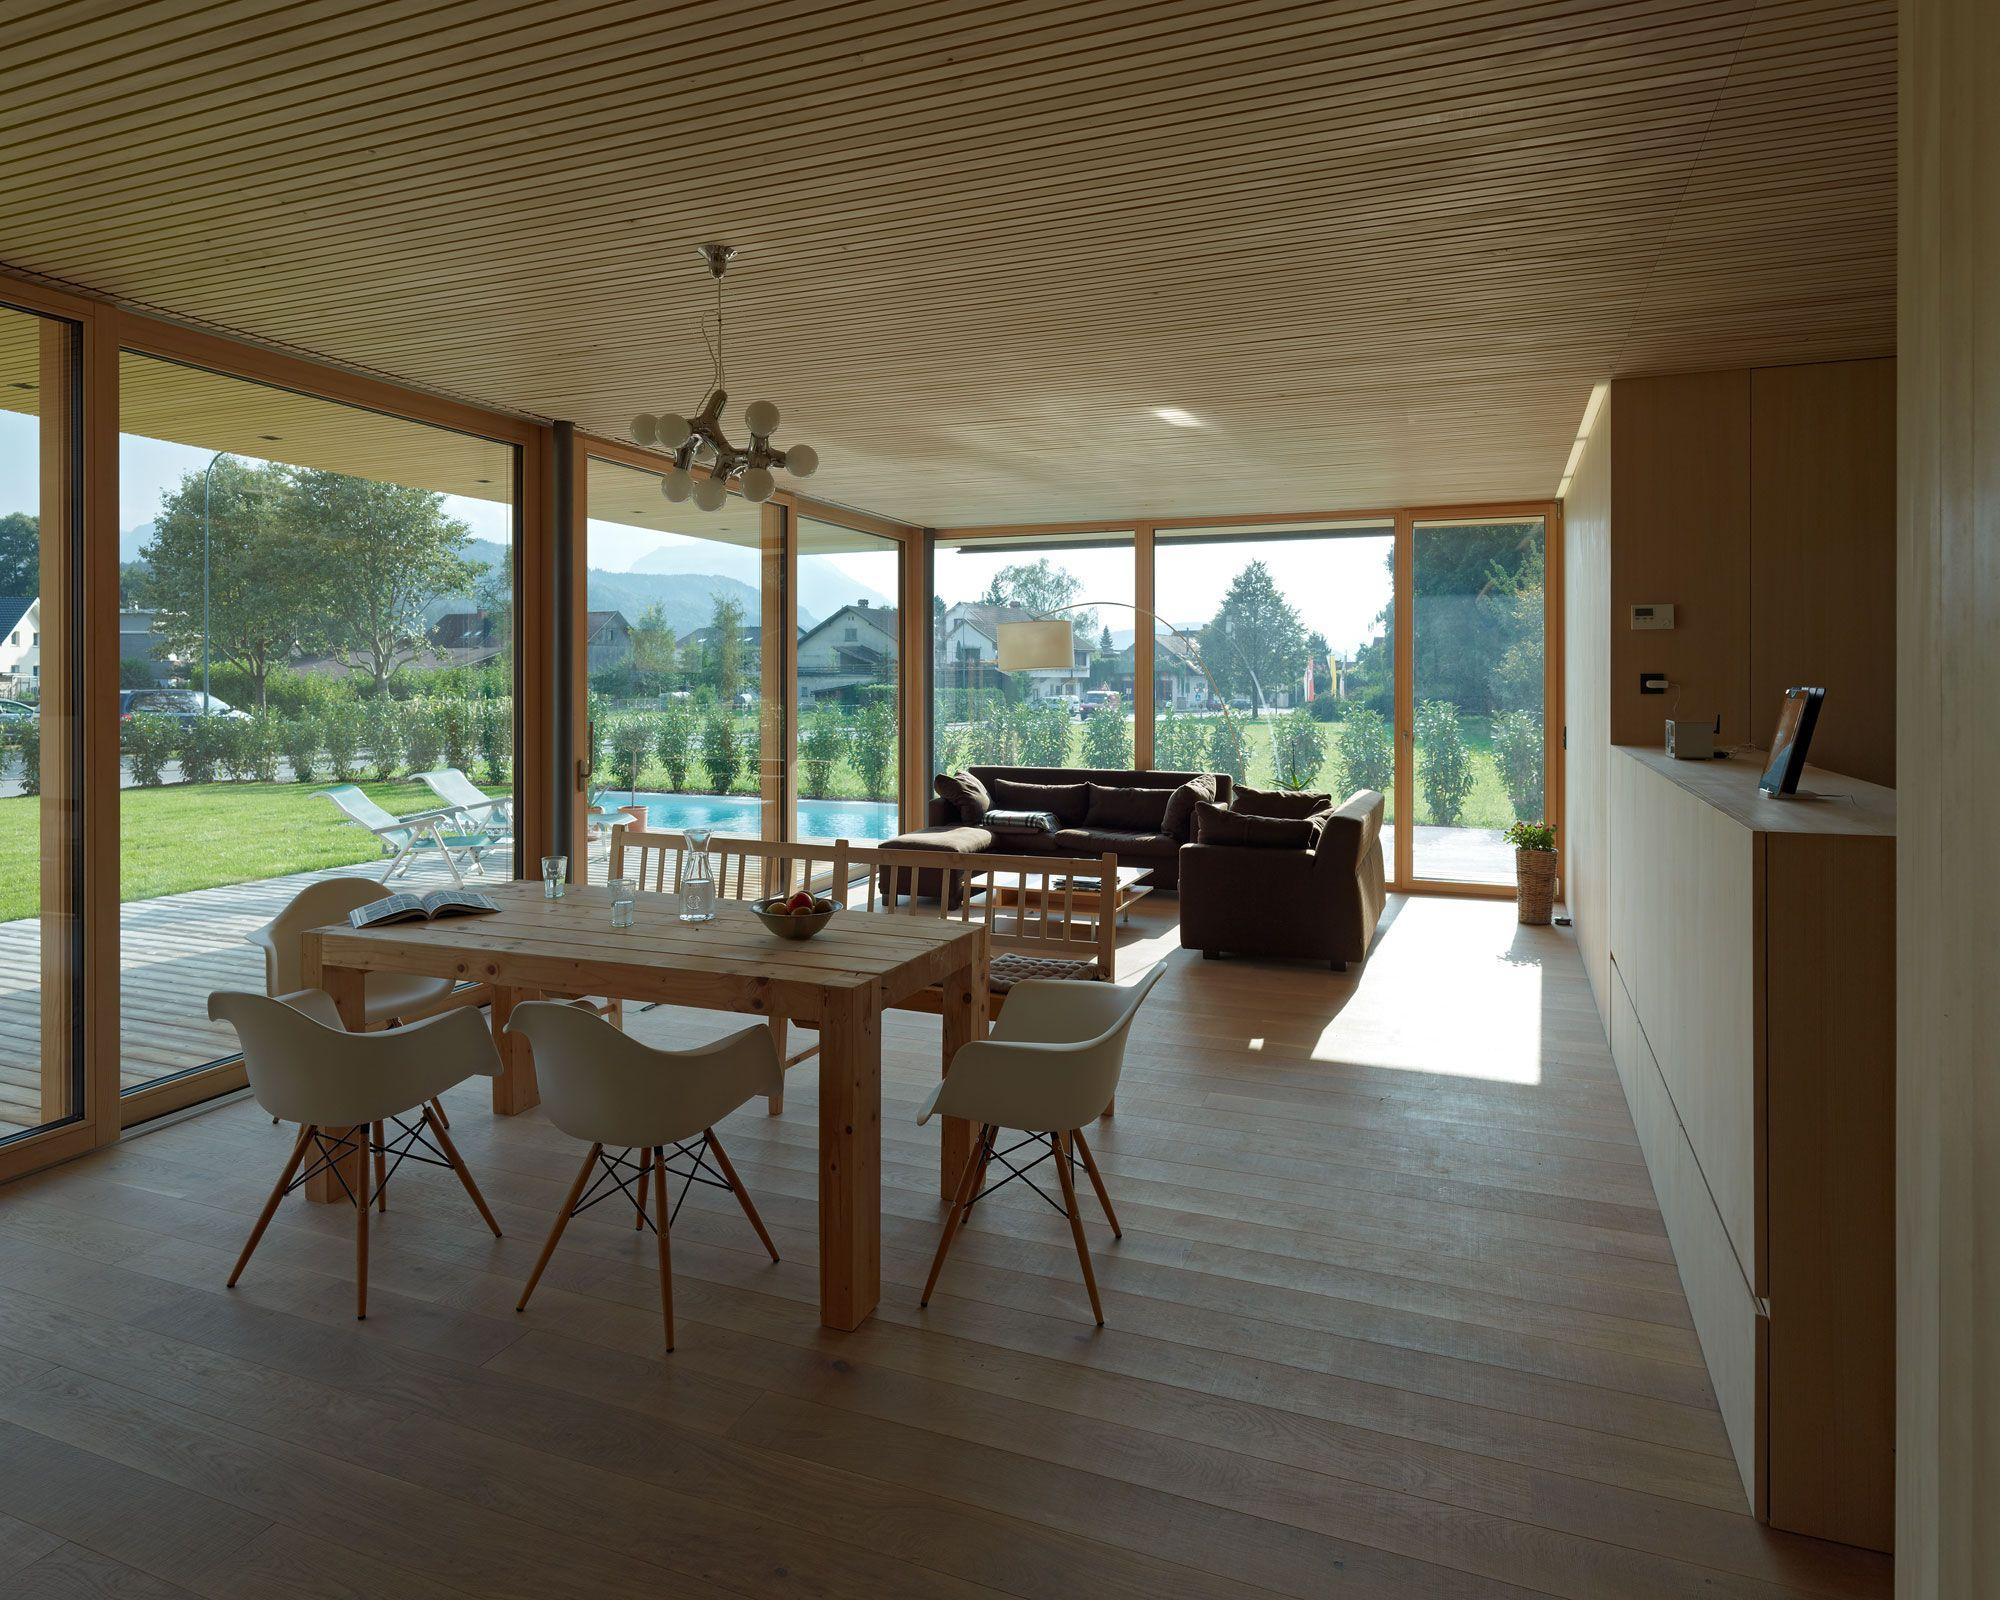 Architekten hermann kaufmann zt gmbh einfamilienhaus for Wohnzimmer architektur